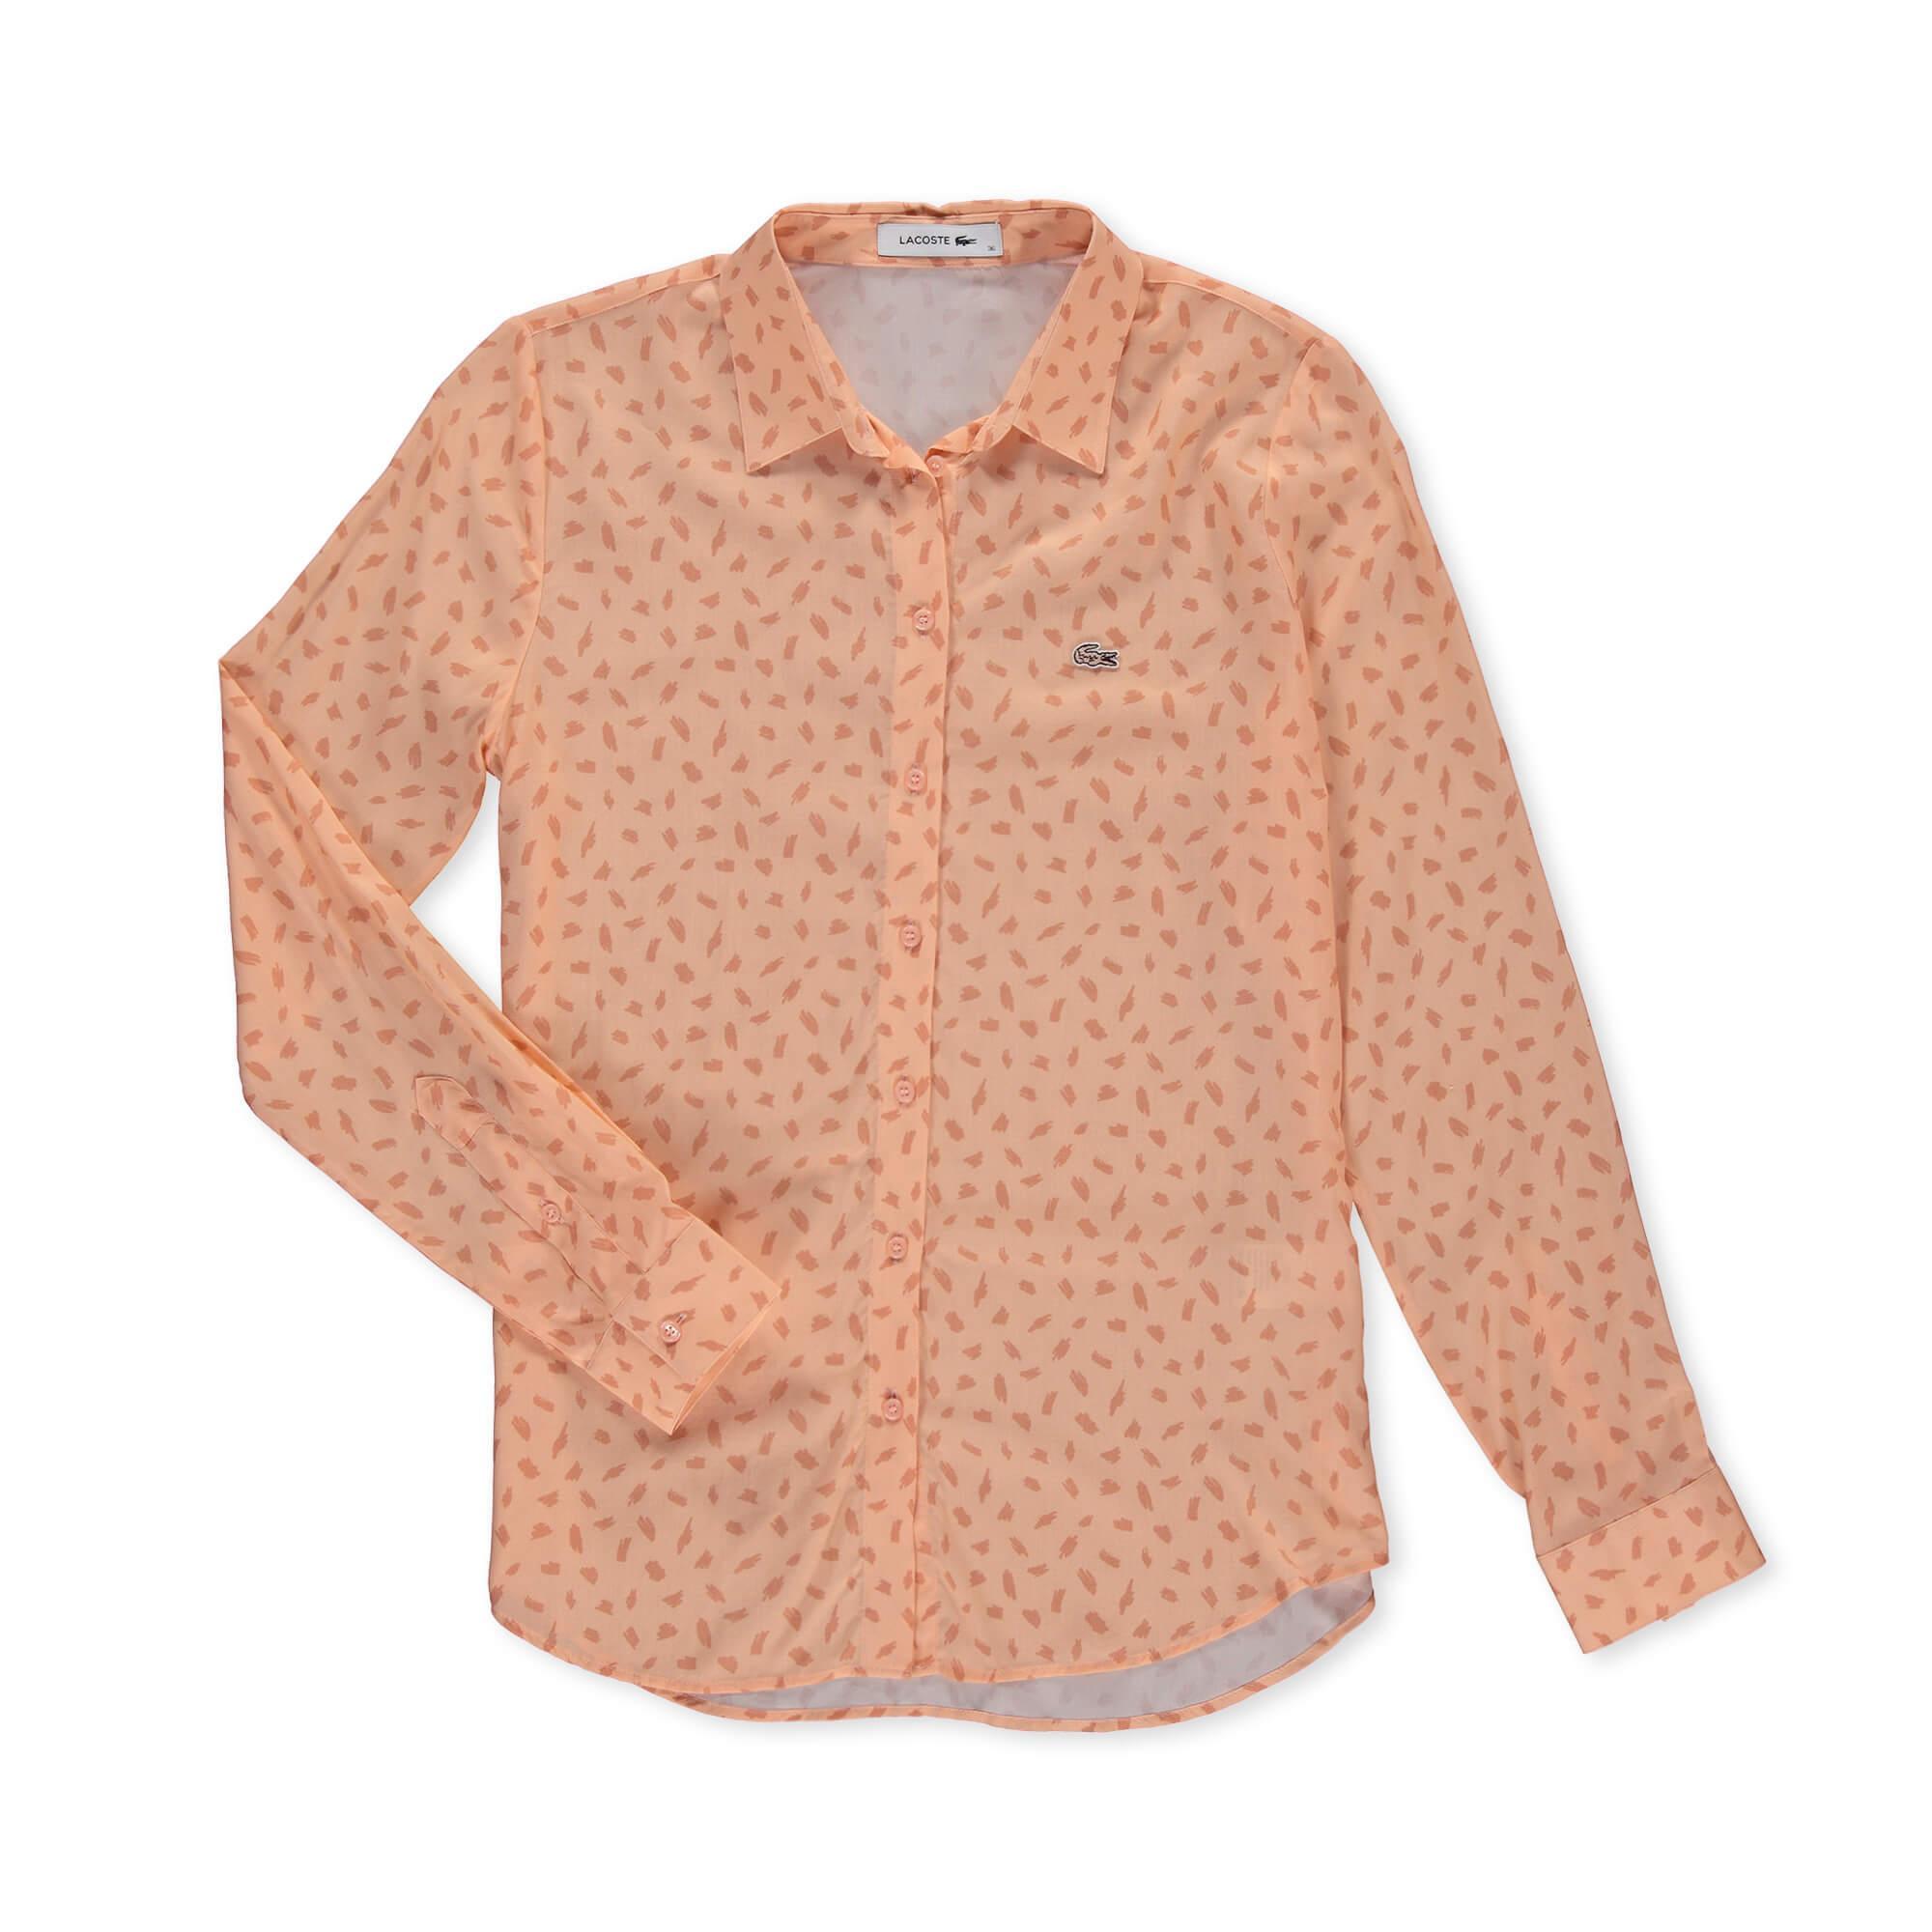 Lacoste Kadın Baskılı Pembe Gömlek